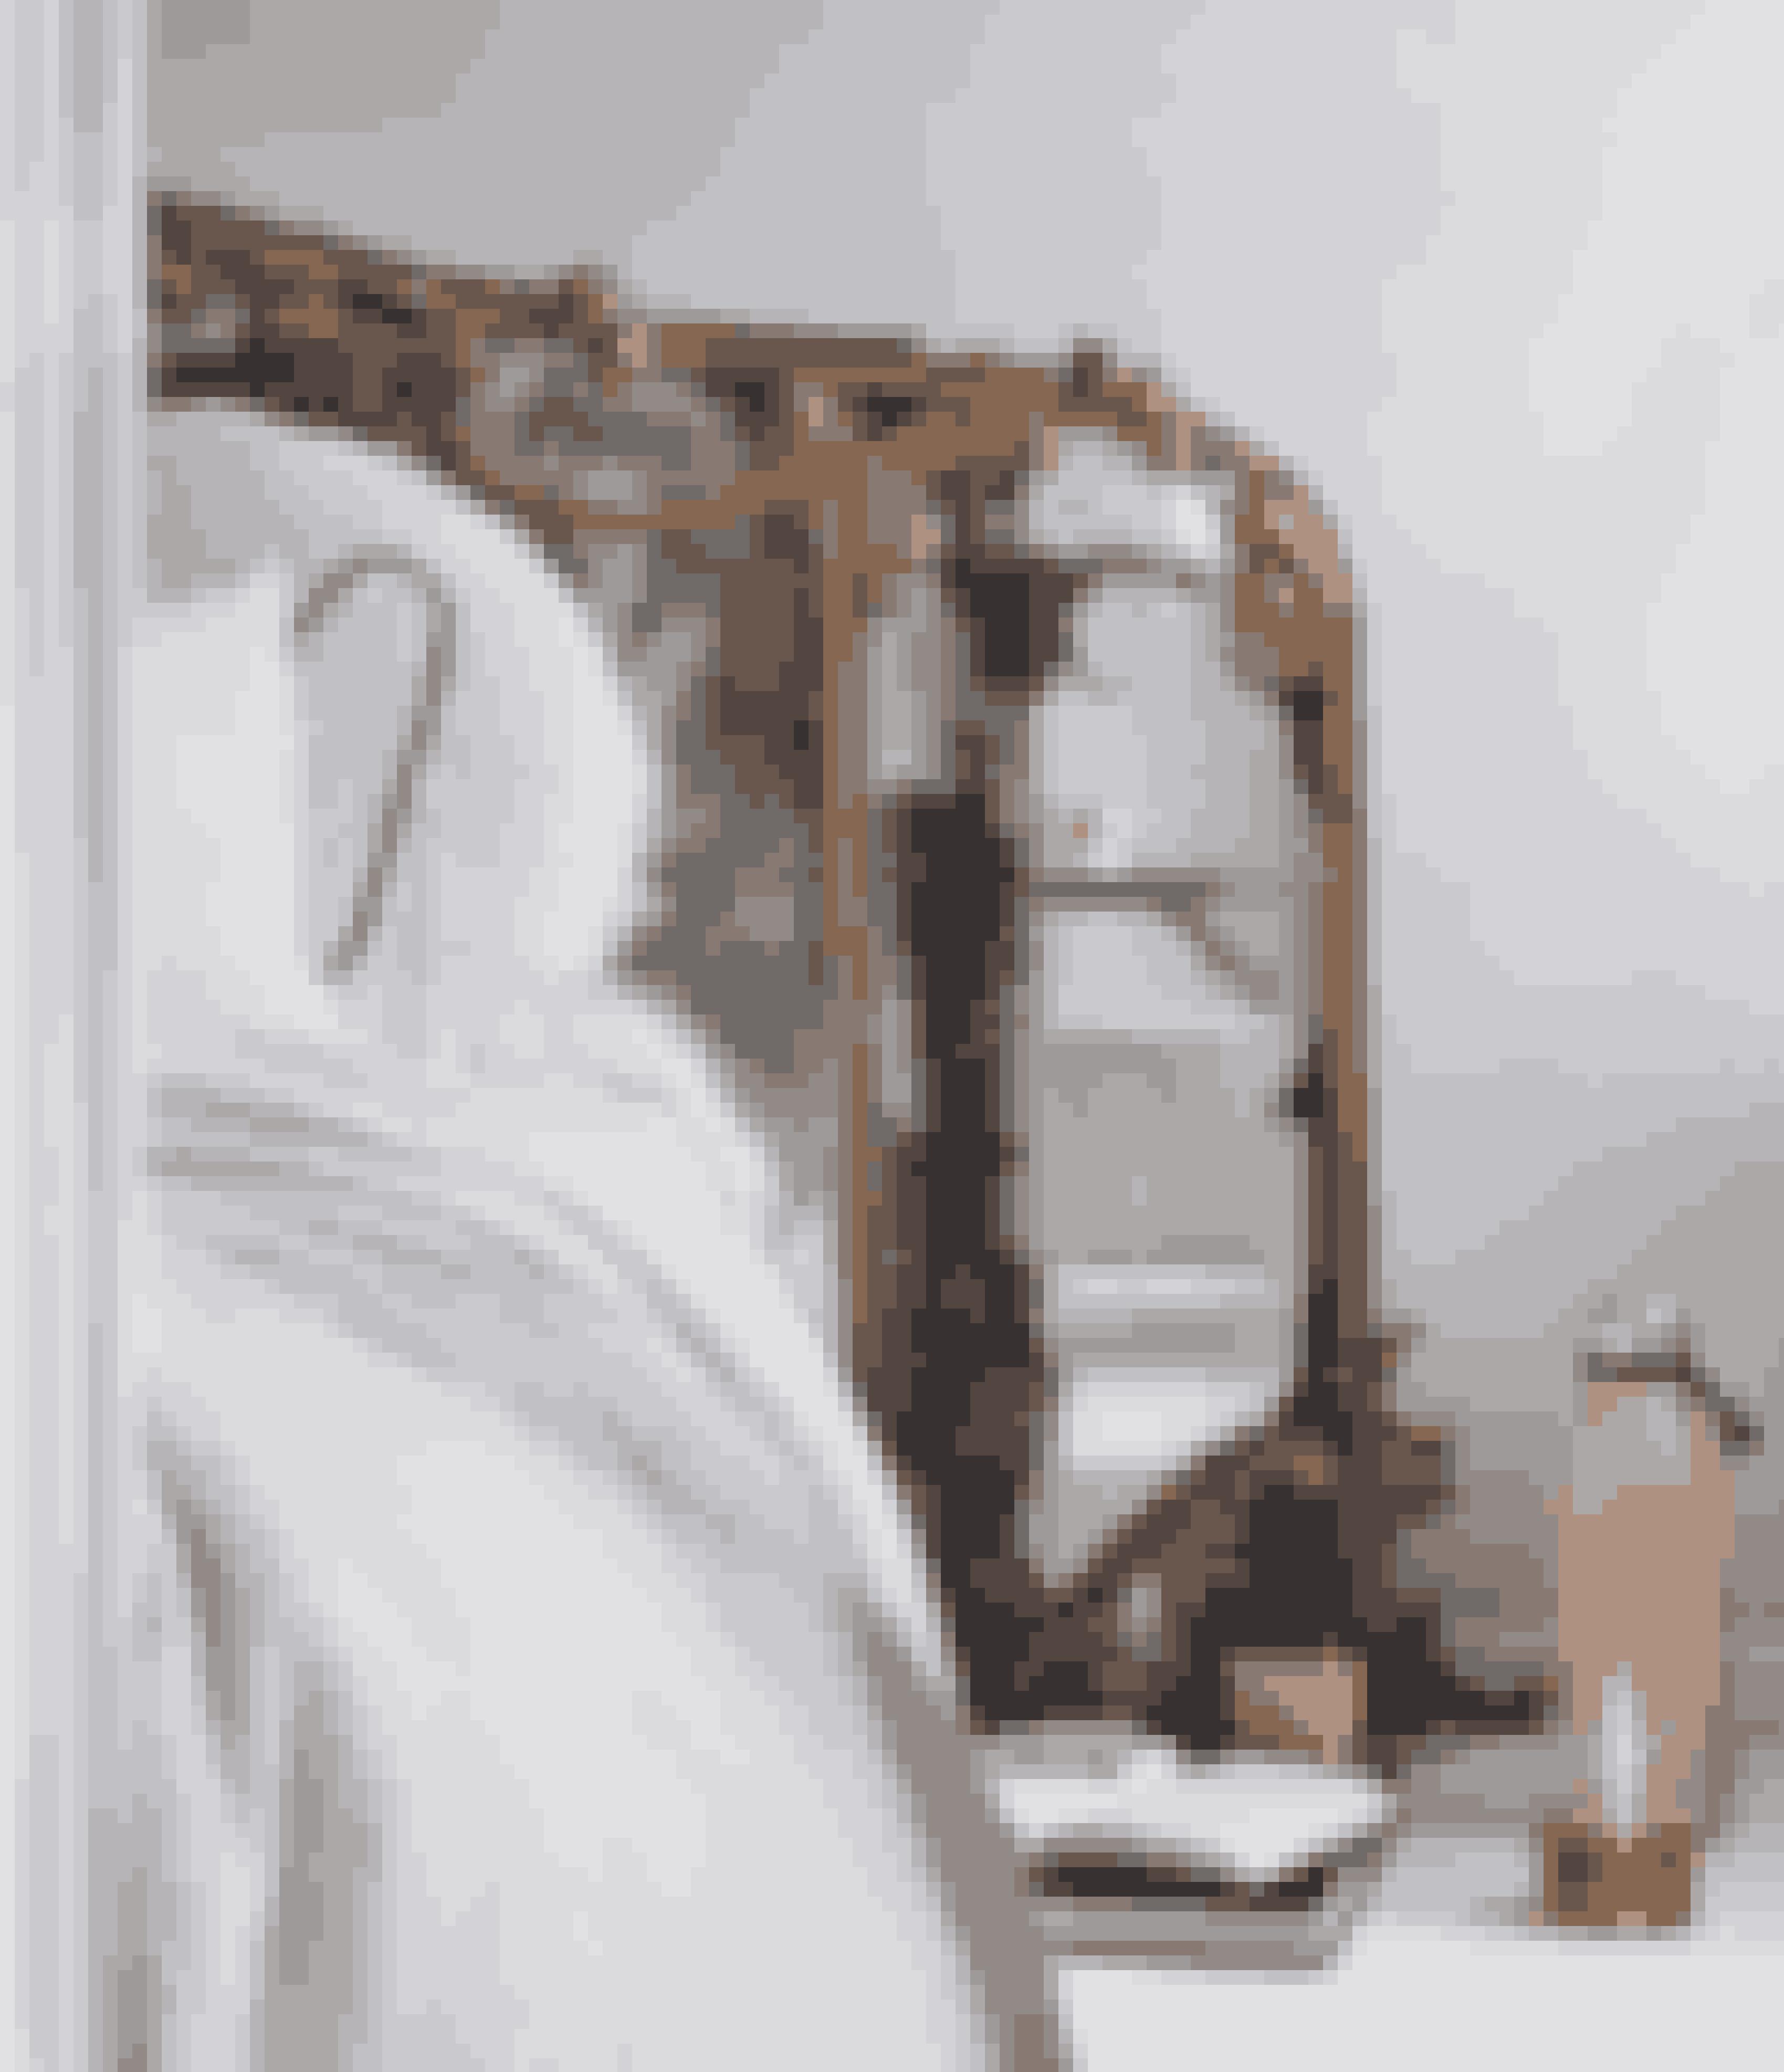 Det er en sjov idé at bruge et stort spejl som sengegærde – her et gammelt antikt spejl med masser af historie.